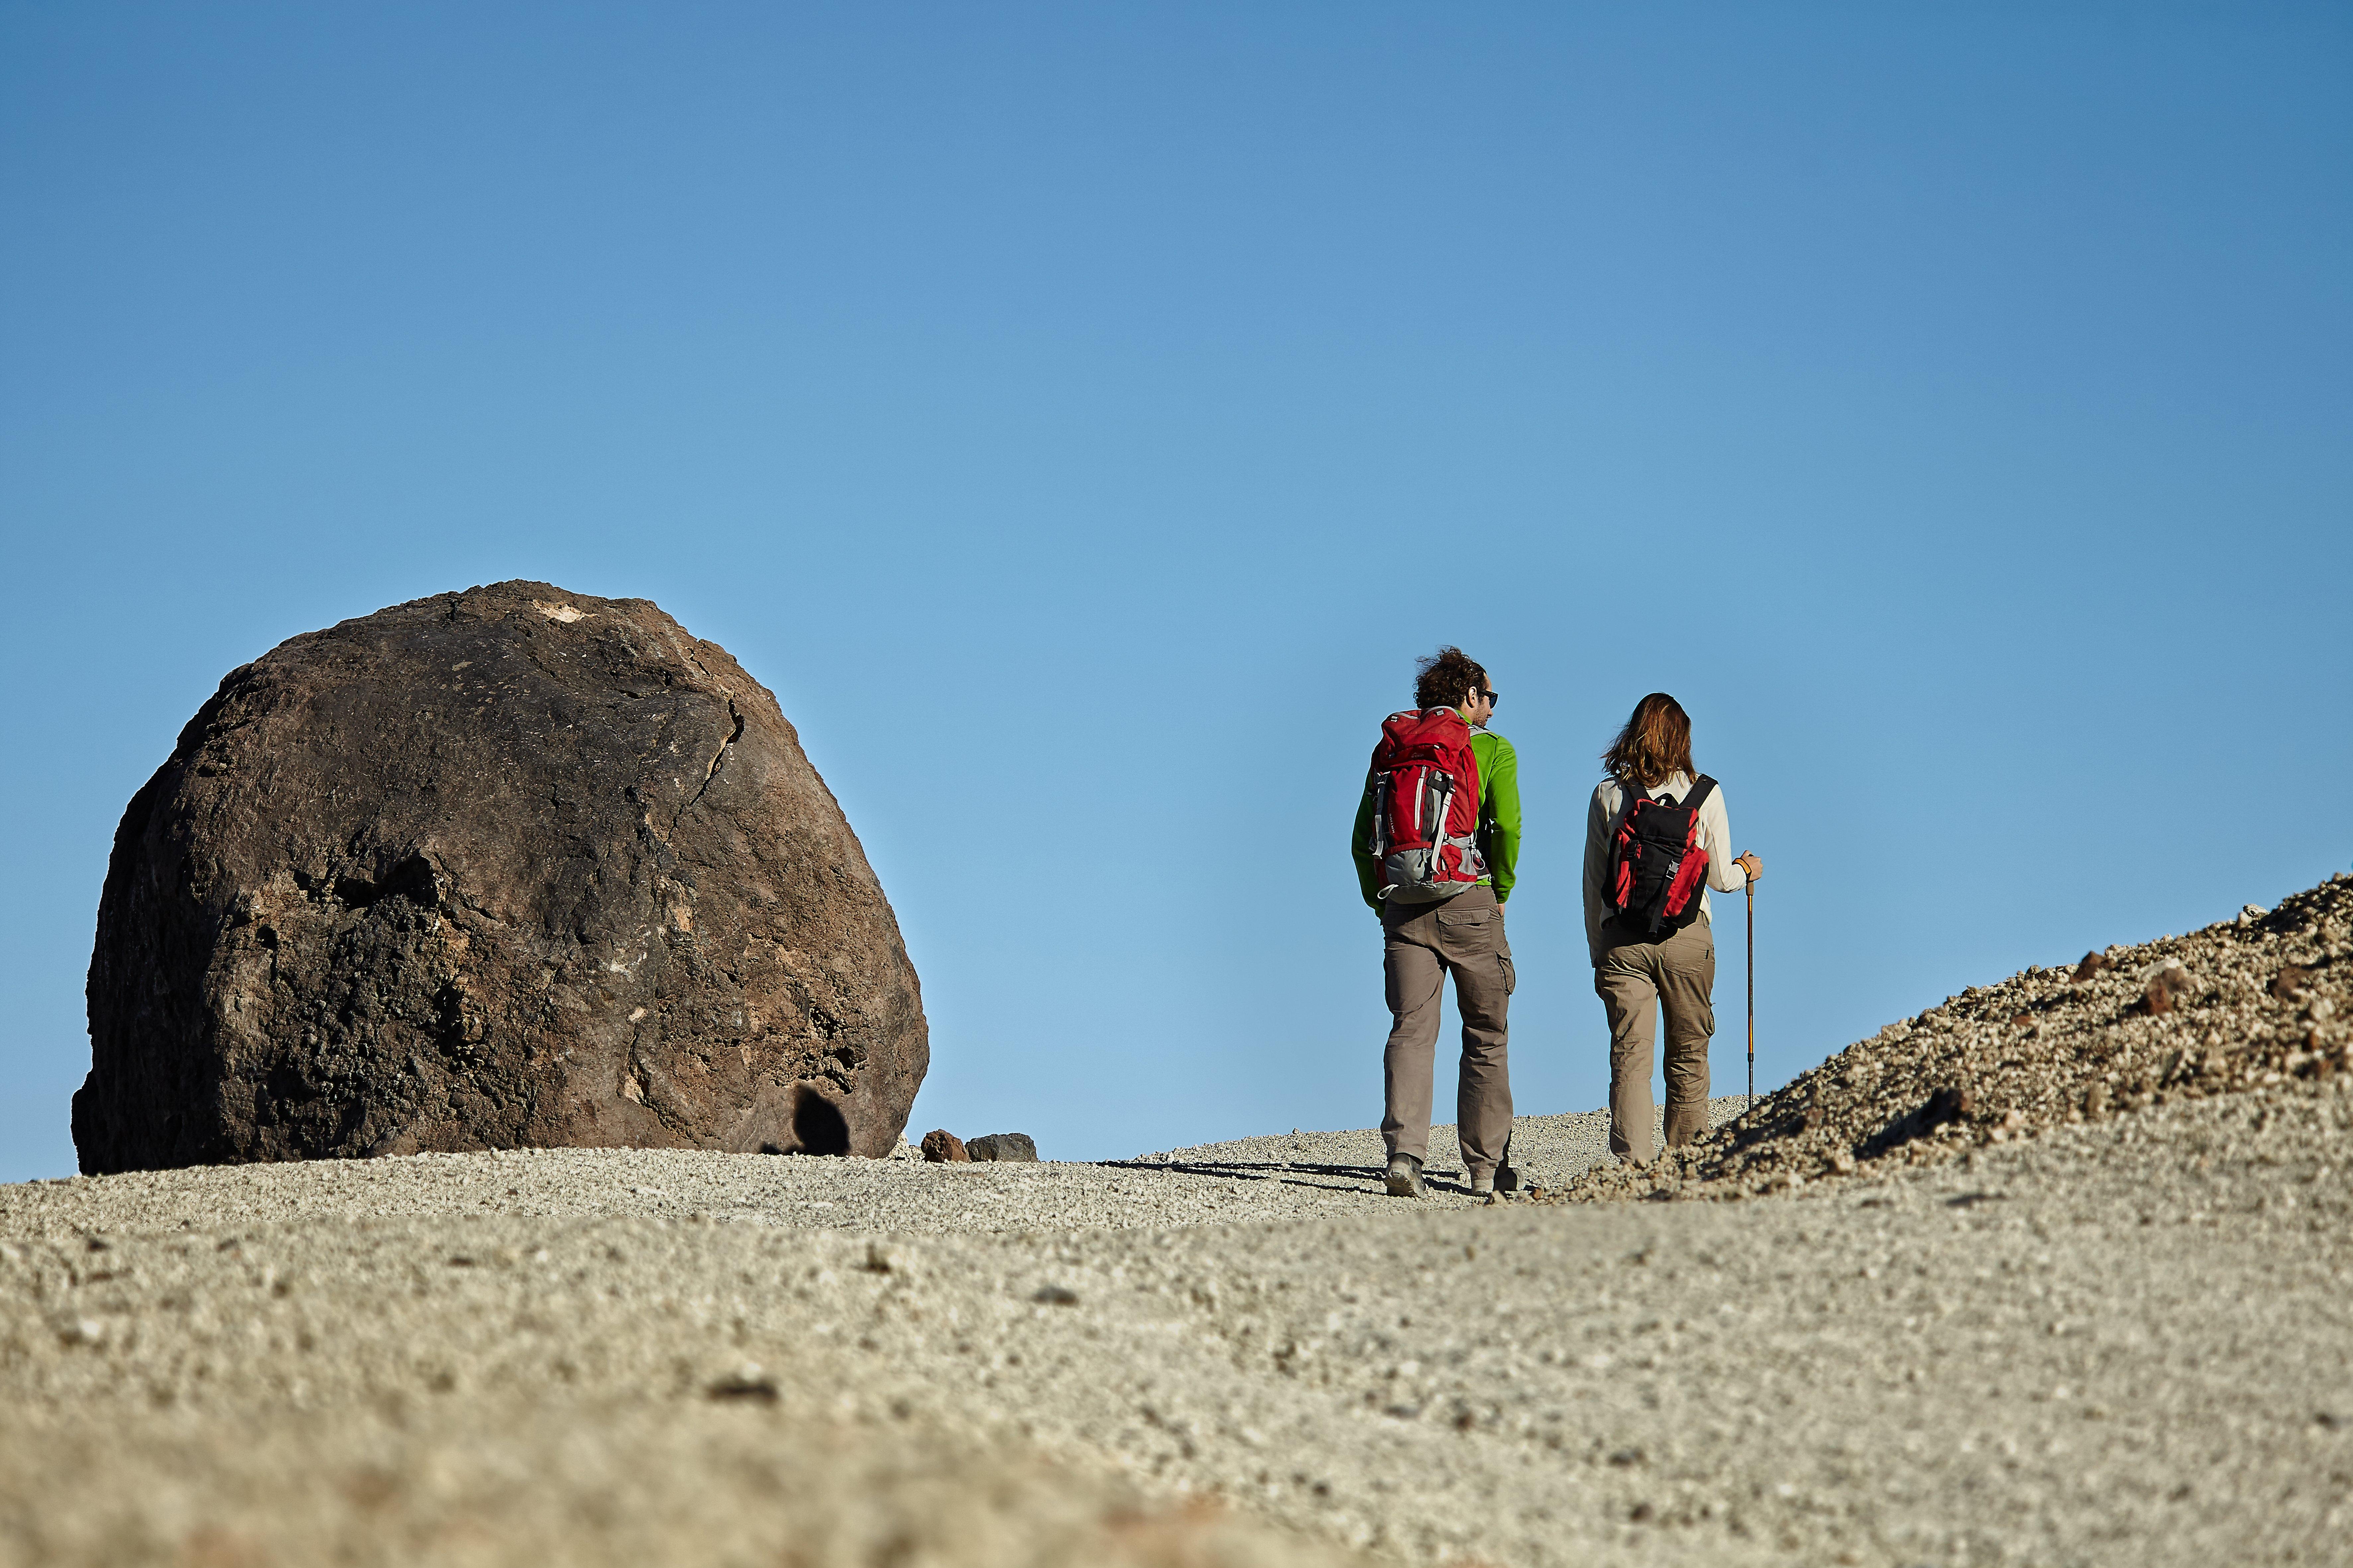 Monter au Teide à pied et voir les Œufs du Teide